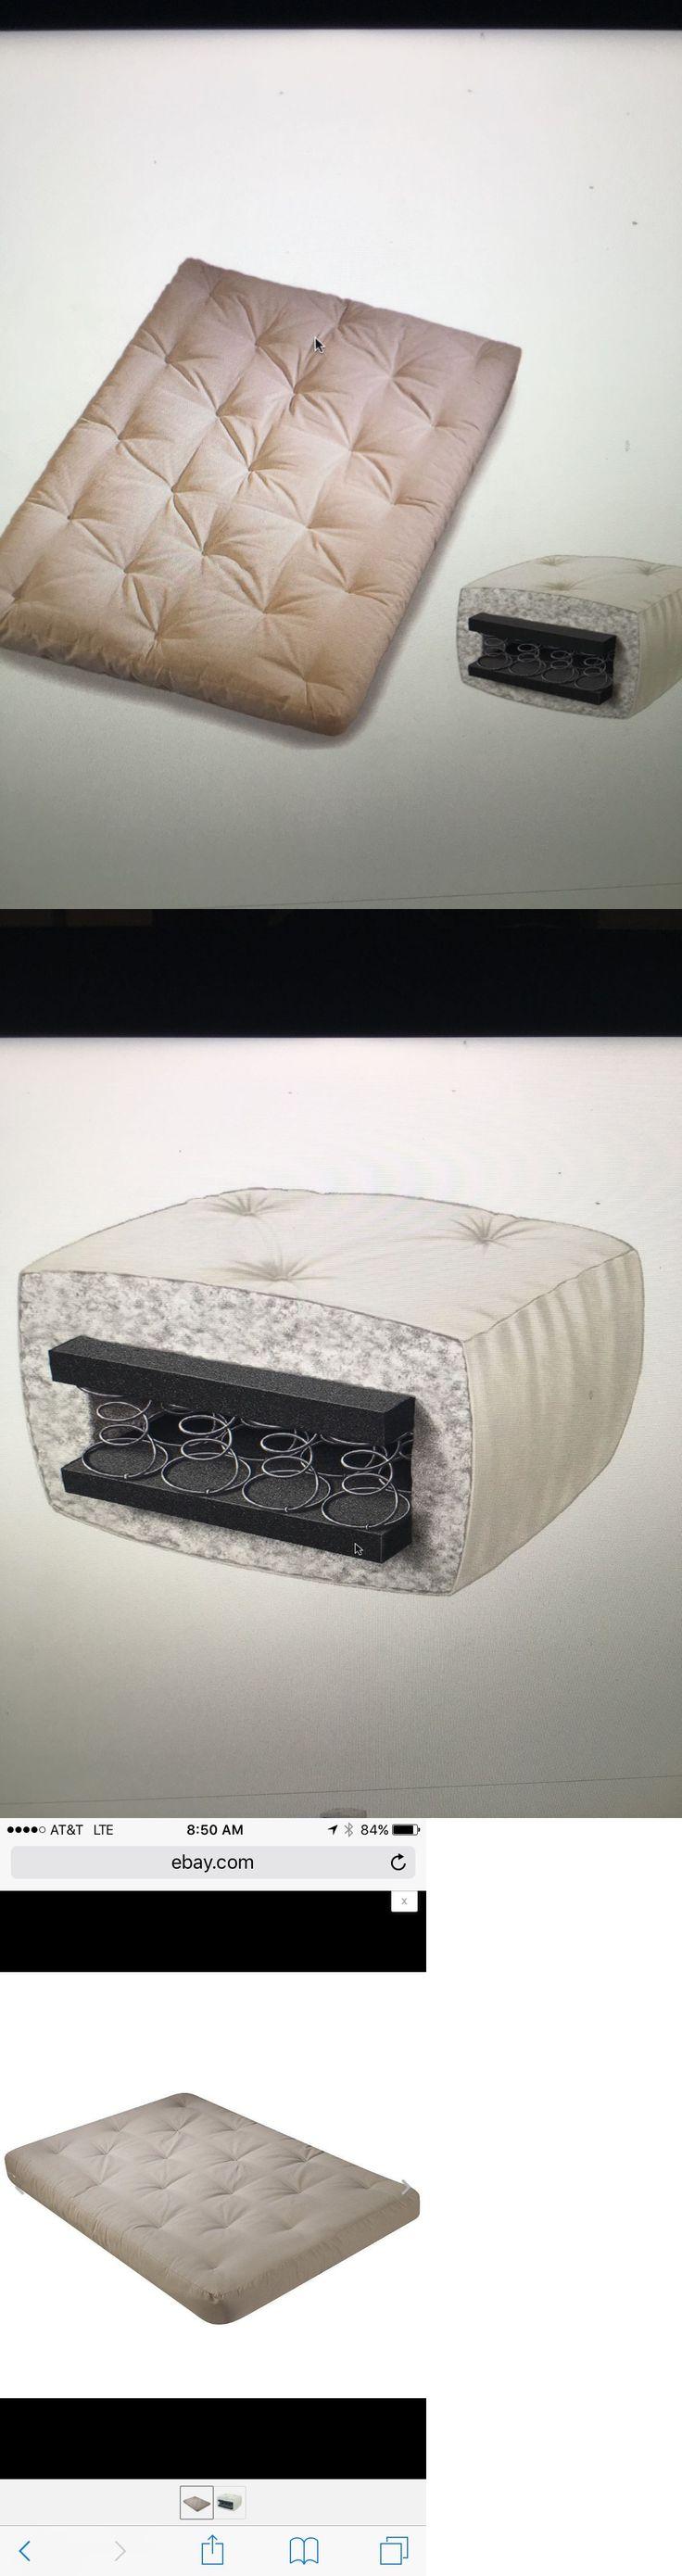 Best 25 Futon mattress ideas on Pinterest Futon bed Futon